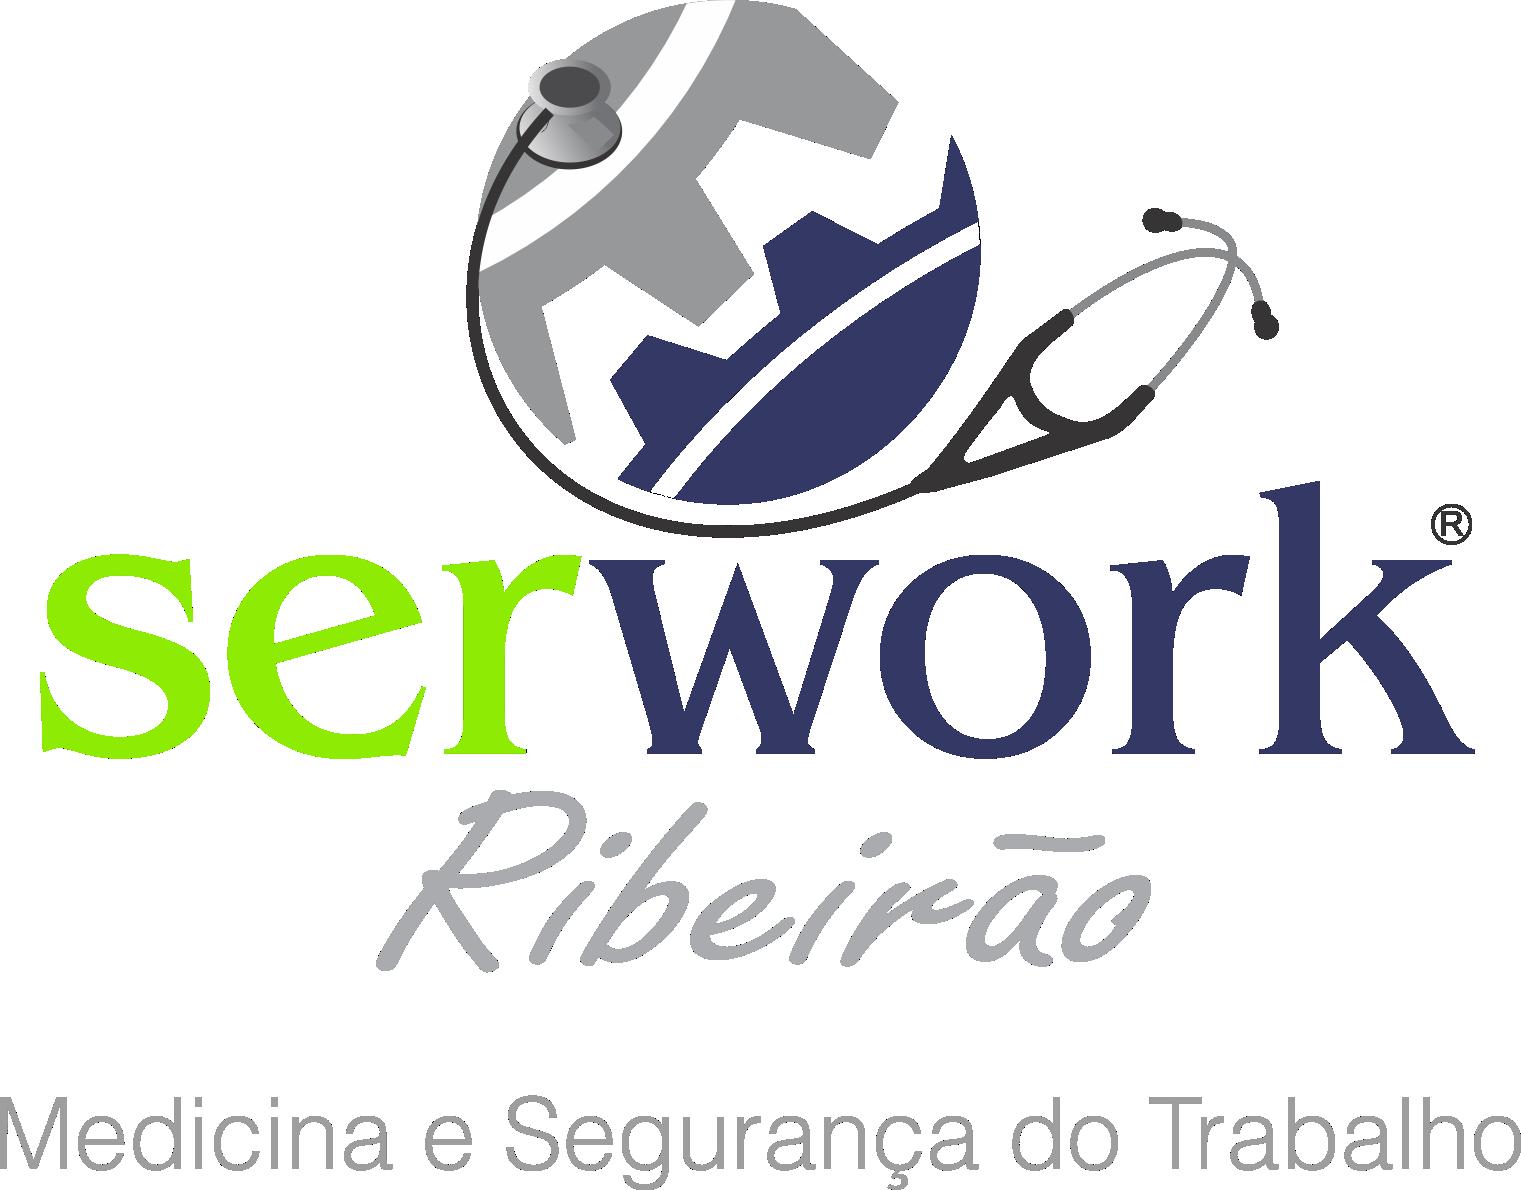 Serwork Ribeirão